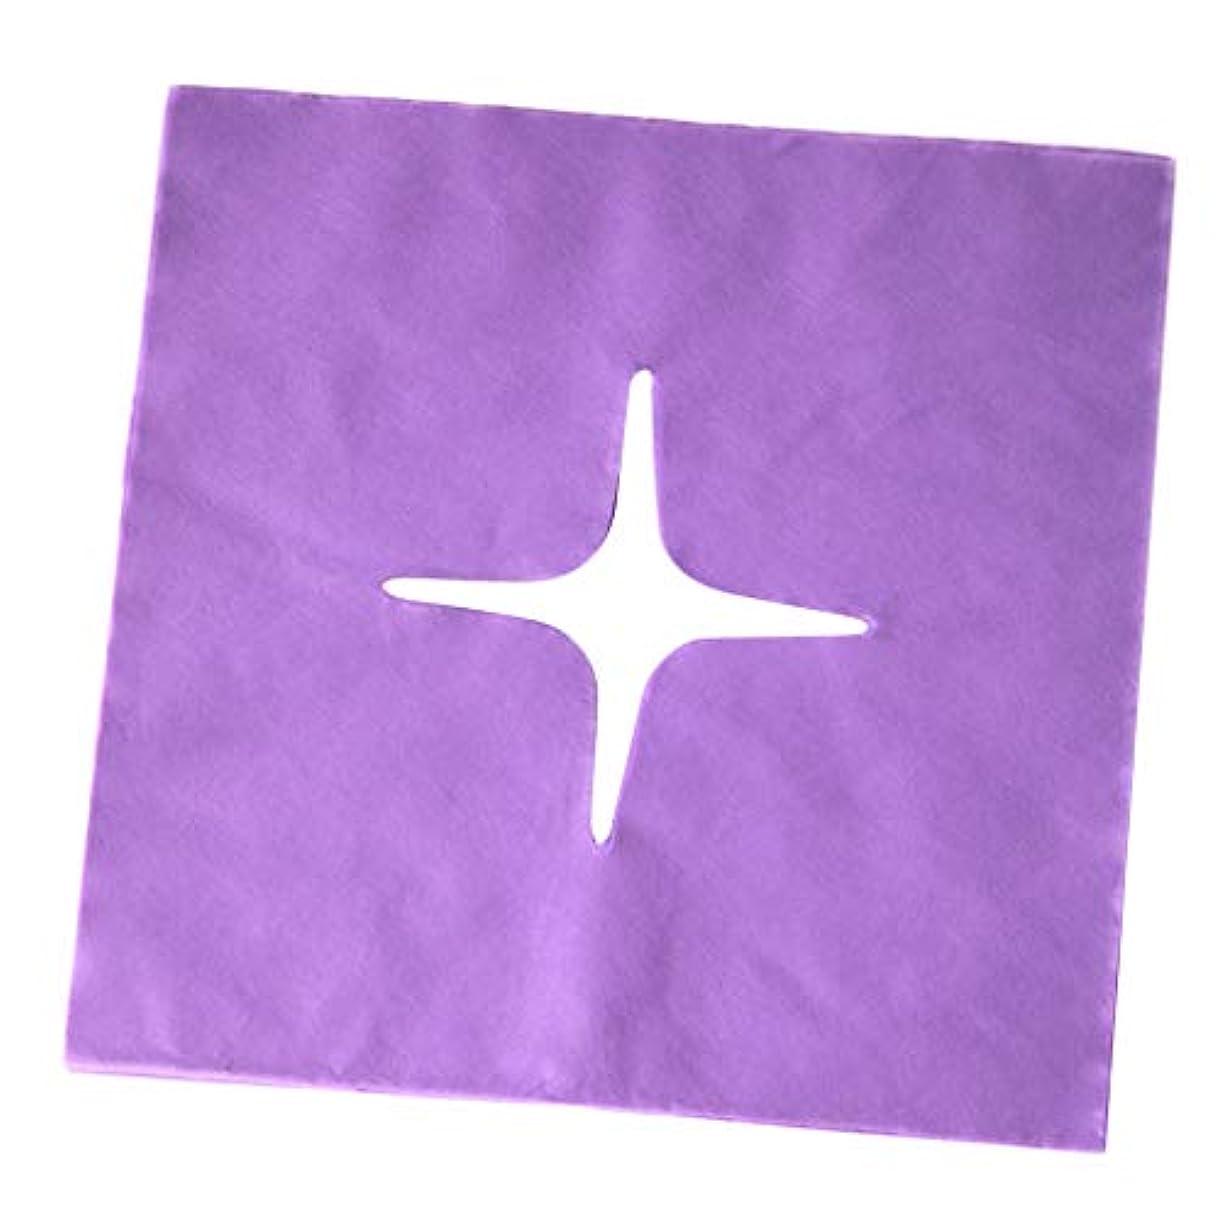 キャッシュ爆発不忠マッサージ フェイスクレードルカバー スパ用 美容院 ビューティーサロン マッサージサロン 全3色 - 紫の